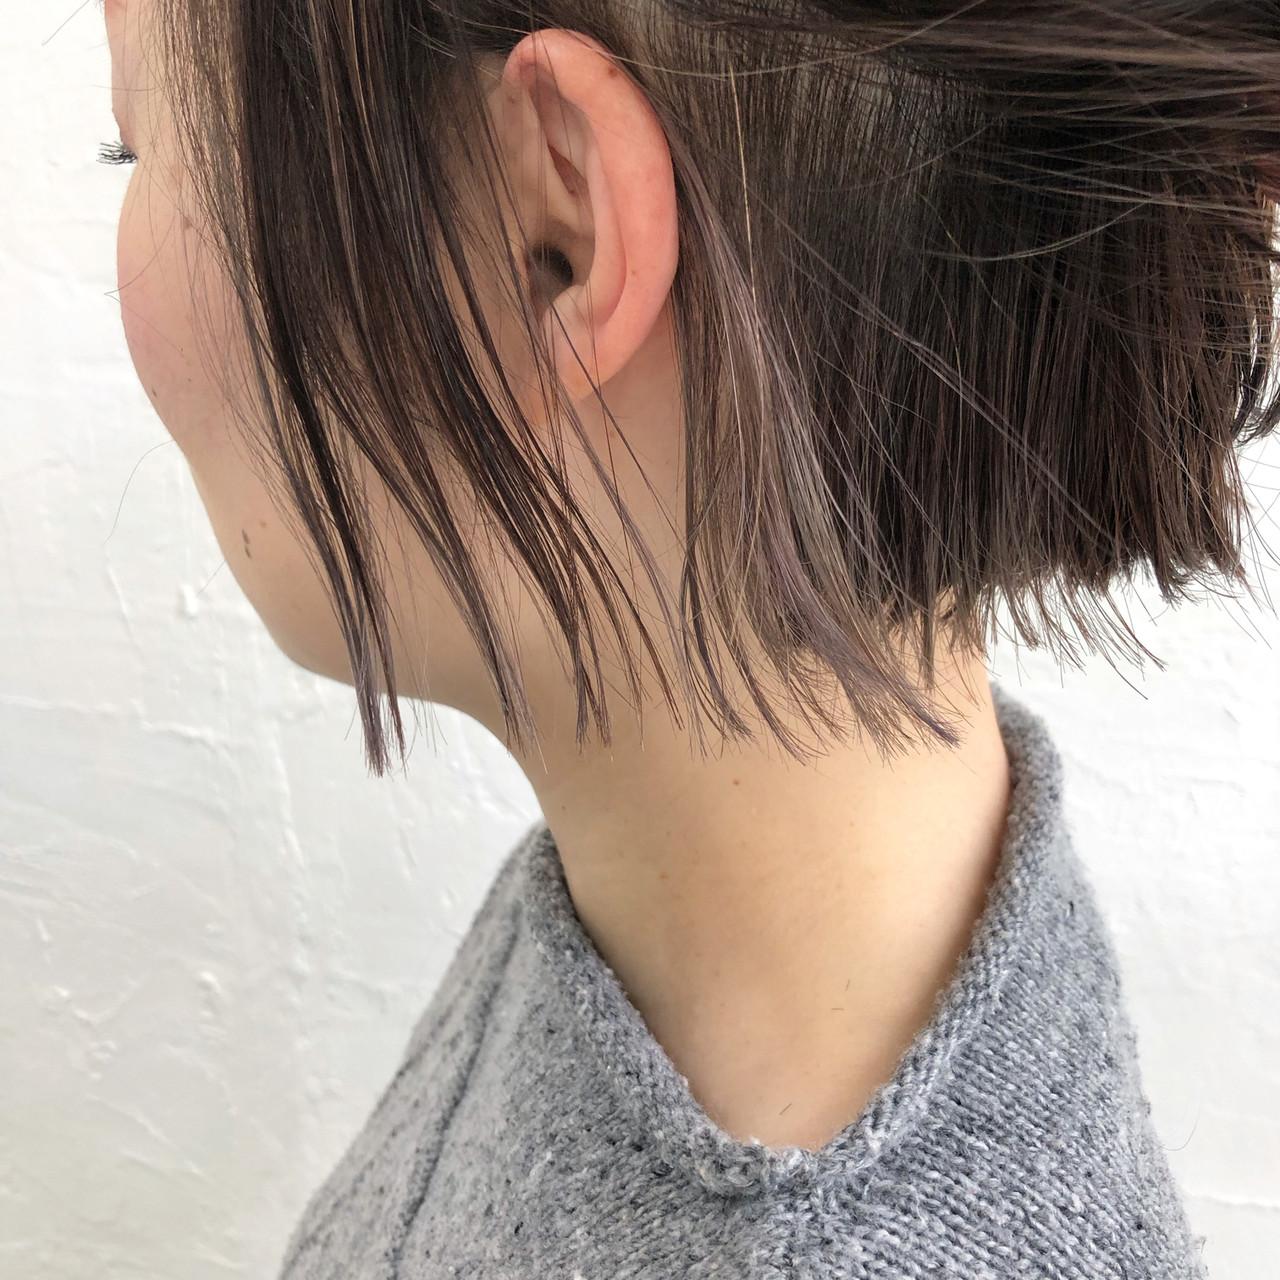 ボブ ストリート ハイライト クリーミーカラー ヘアスタイルや髪型の写真・画像